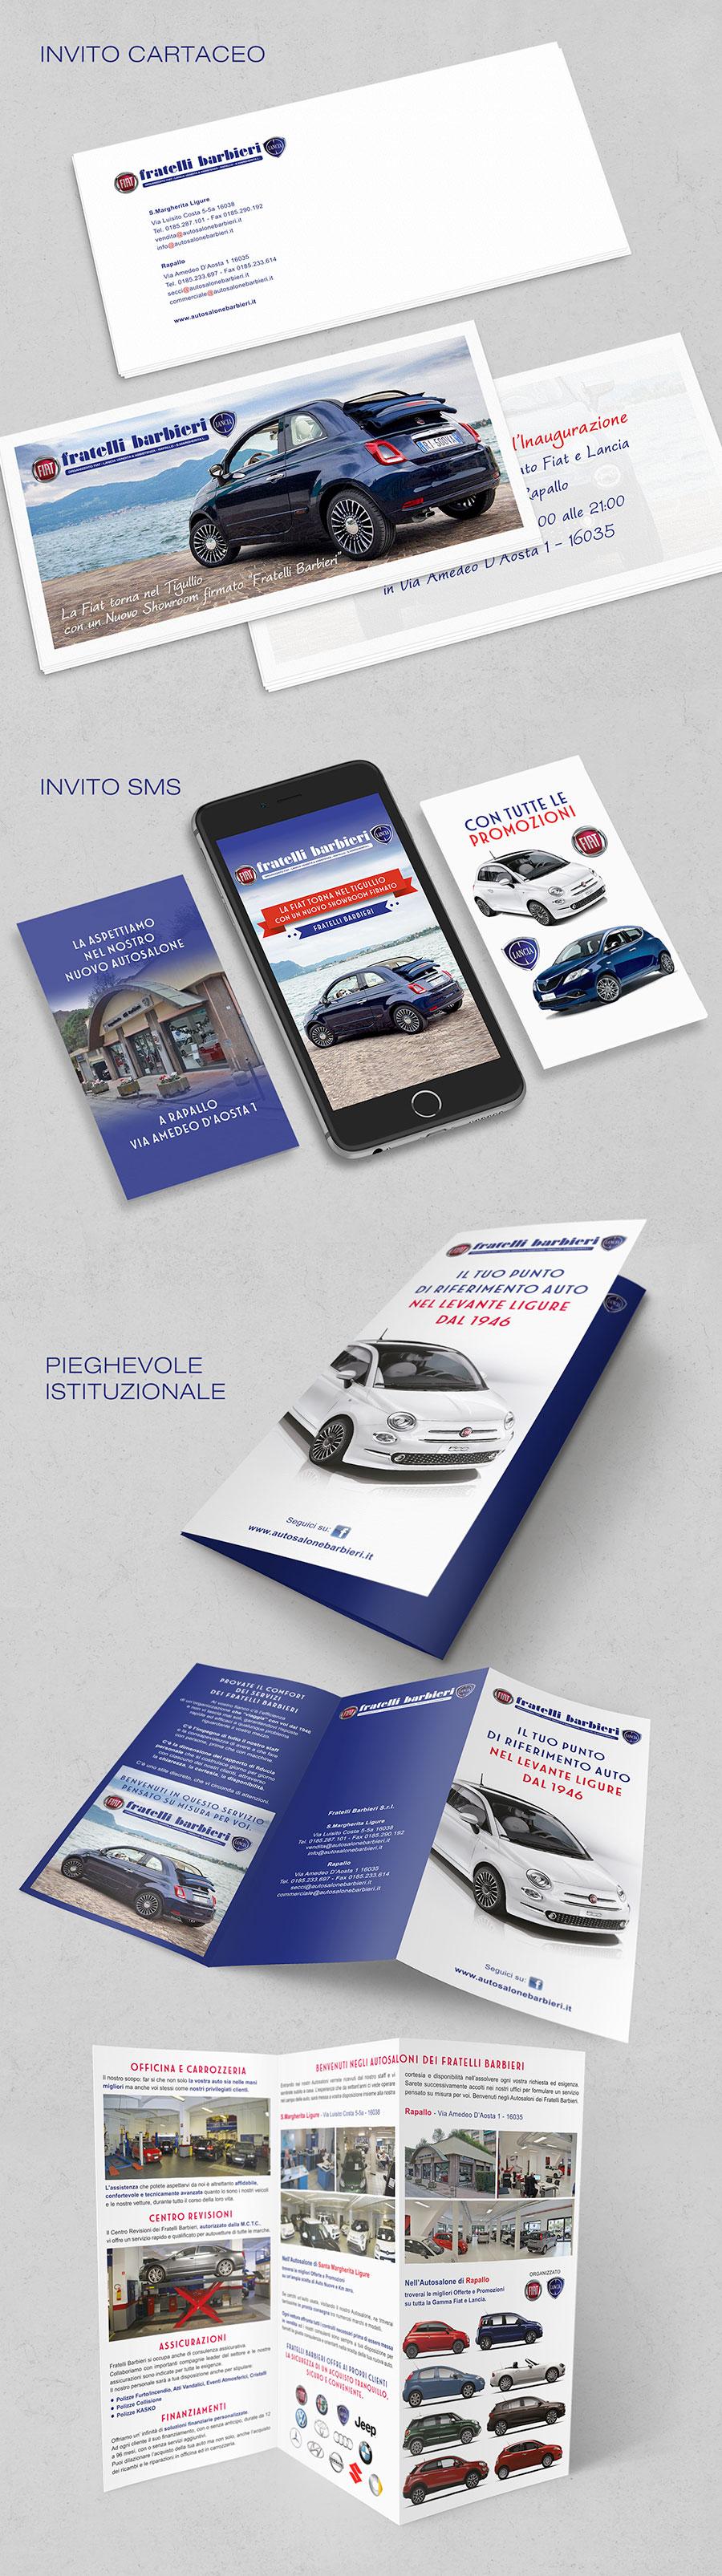 belink-design-fratelli-barbieri-invito-sms-marketing-brochure-flyer-inaugurazione